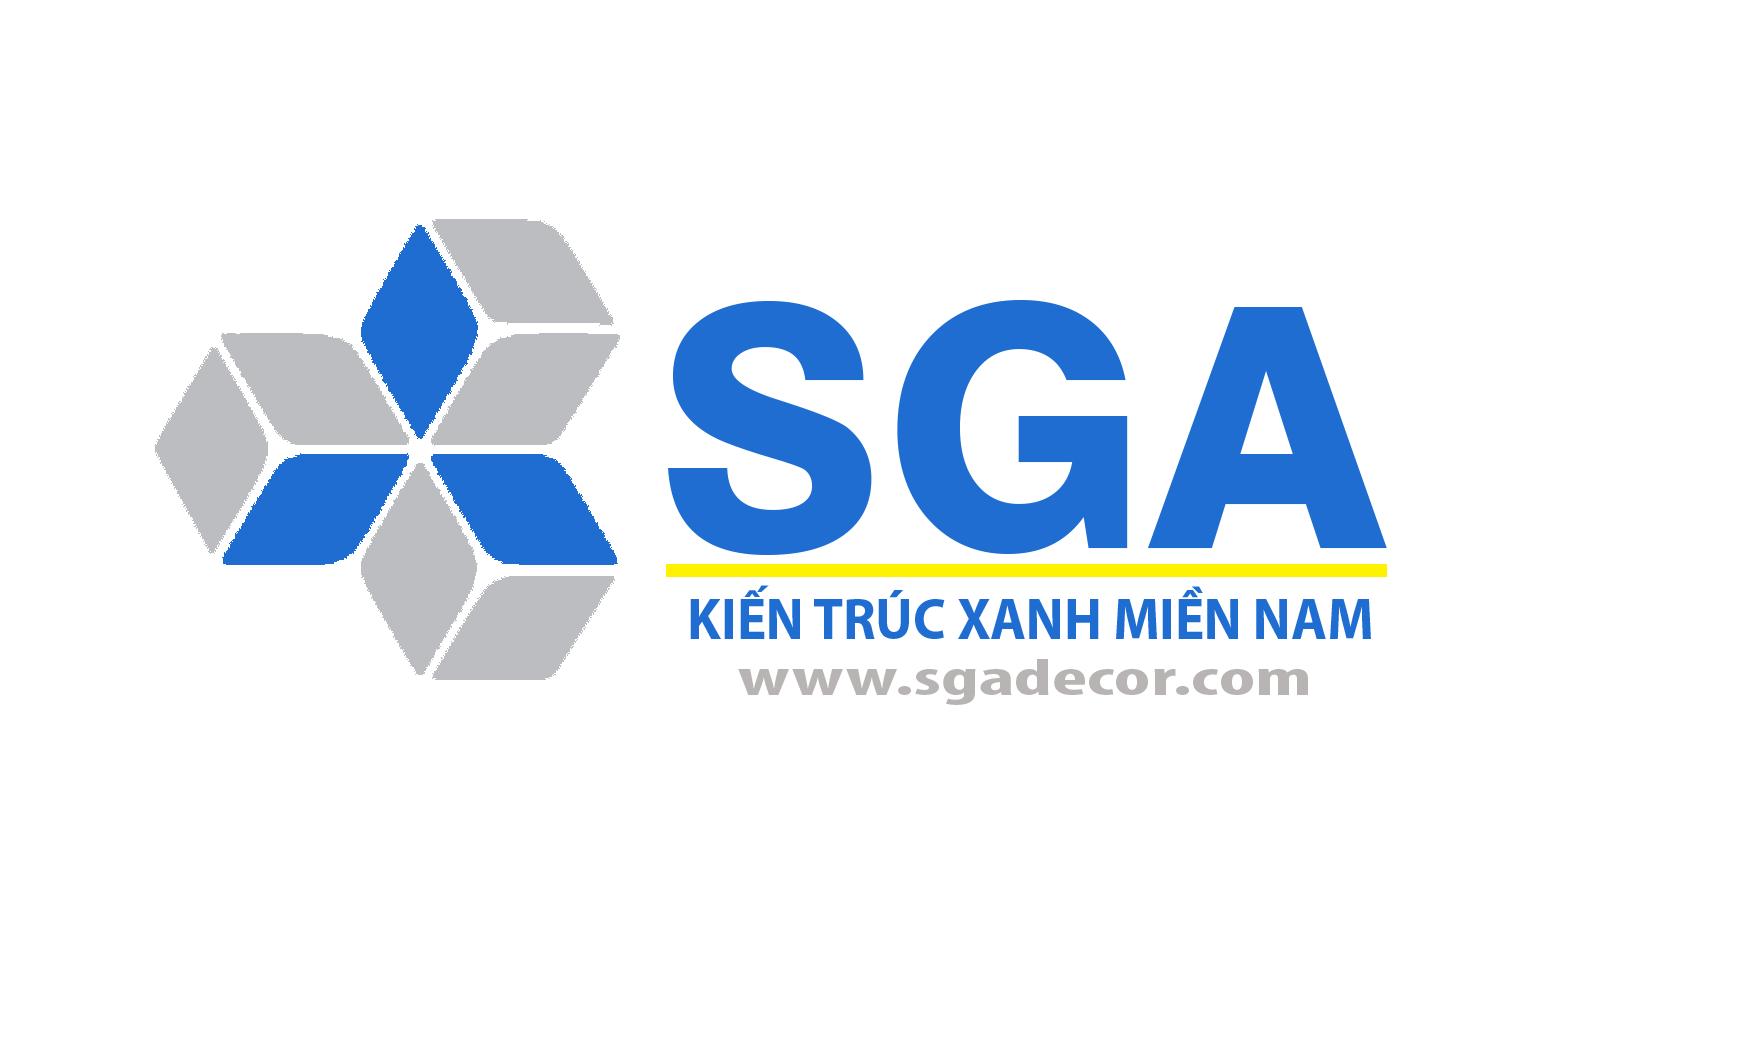 Công Ty TNHH Phát Triển Kiến Trúc Xanh Miền Nam